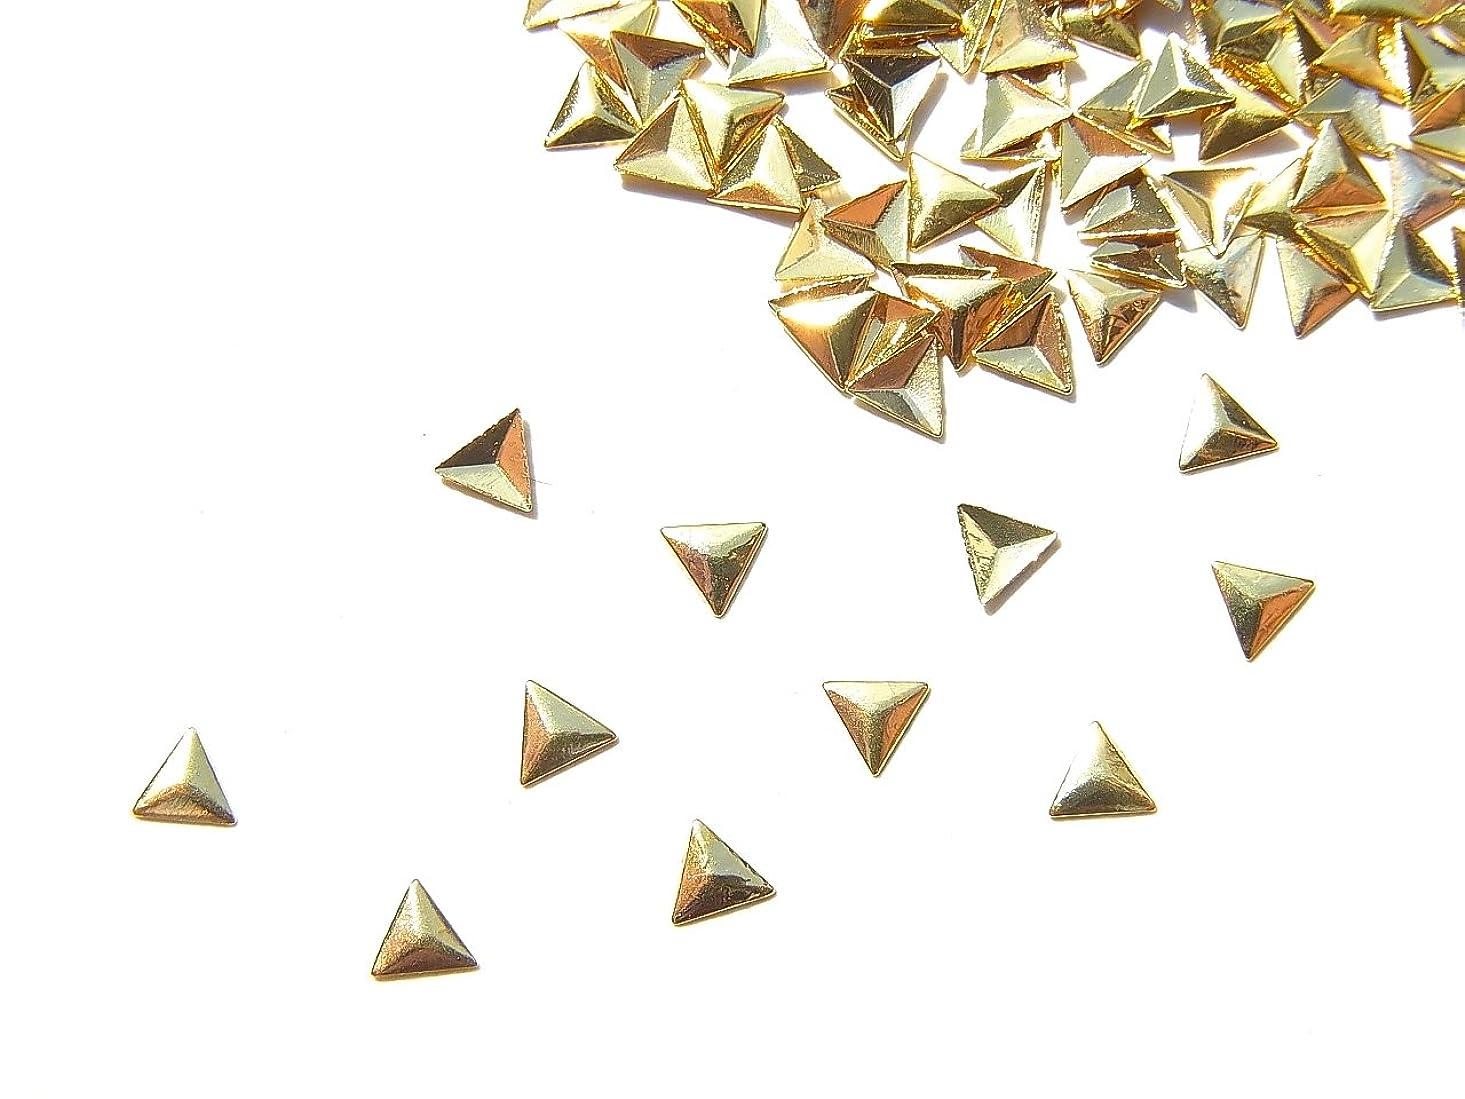 肥料アダルト海賊【jewel】mp14 ゴールド メタルパーツ 三角型 トライアングル 10個入り ネイルアートパーツ レジンパーツ